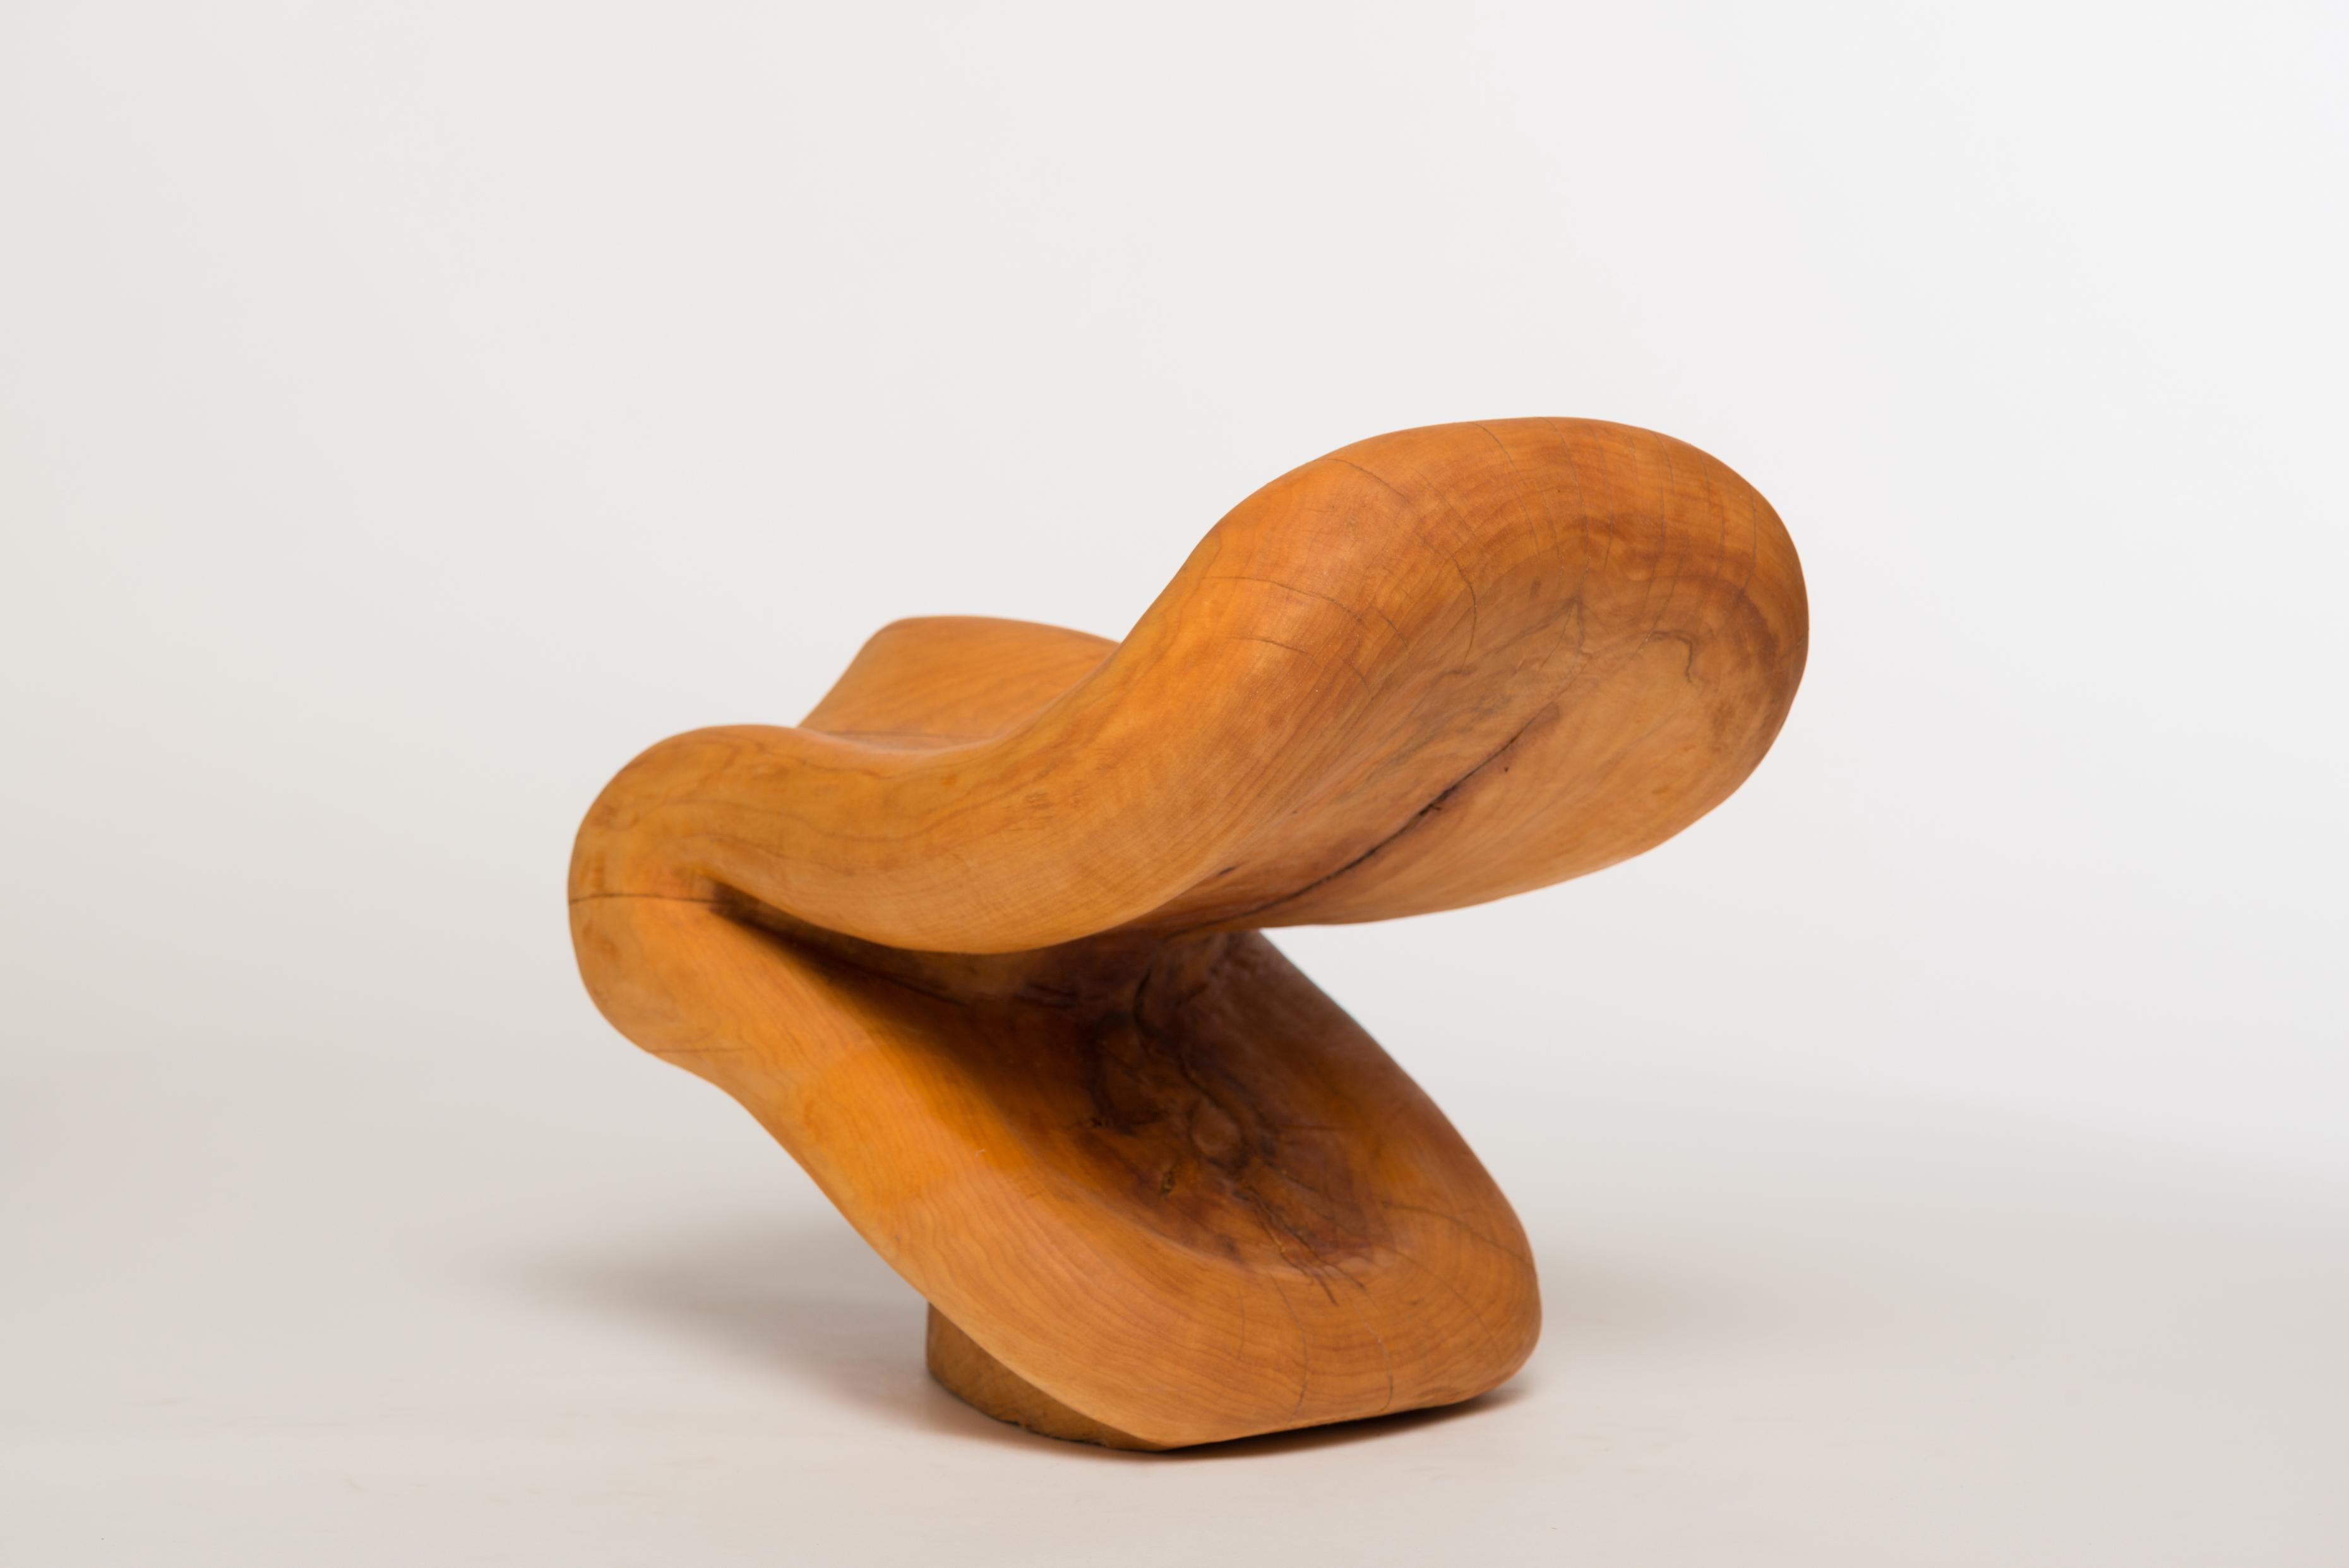 Andreas Methes Skulpturen - 11. u. 12. Juni 2018